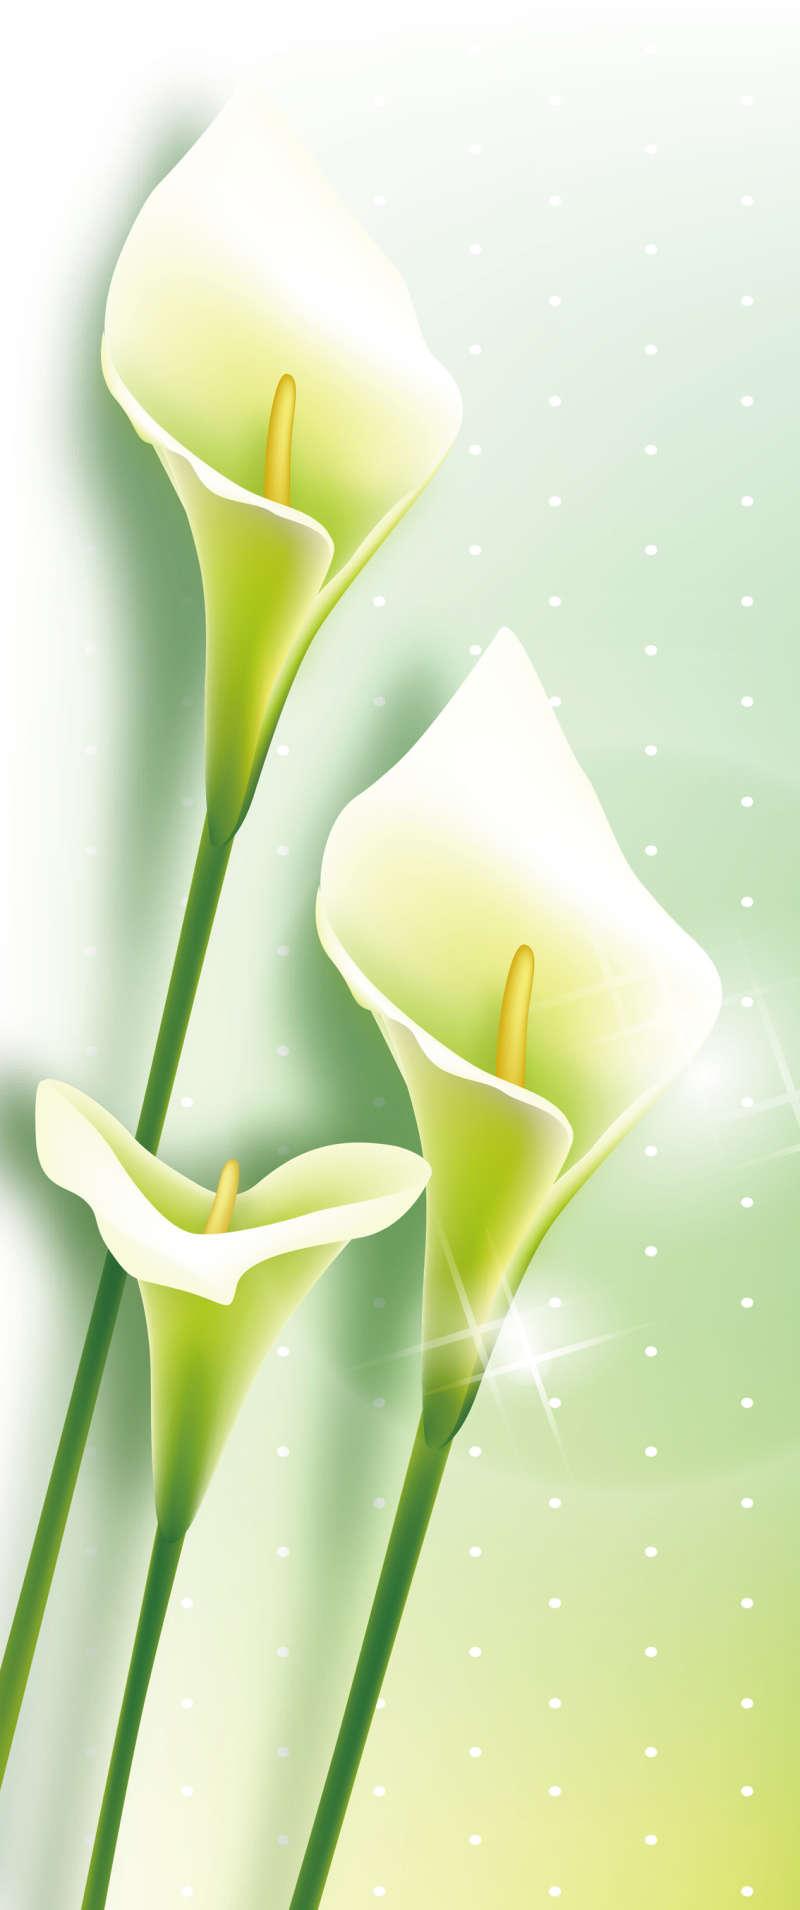 美丽的花朵图片_手绘花朵图片_小清新花朵图片